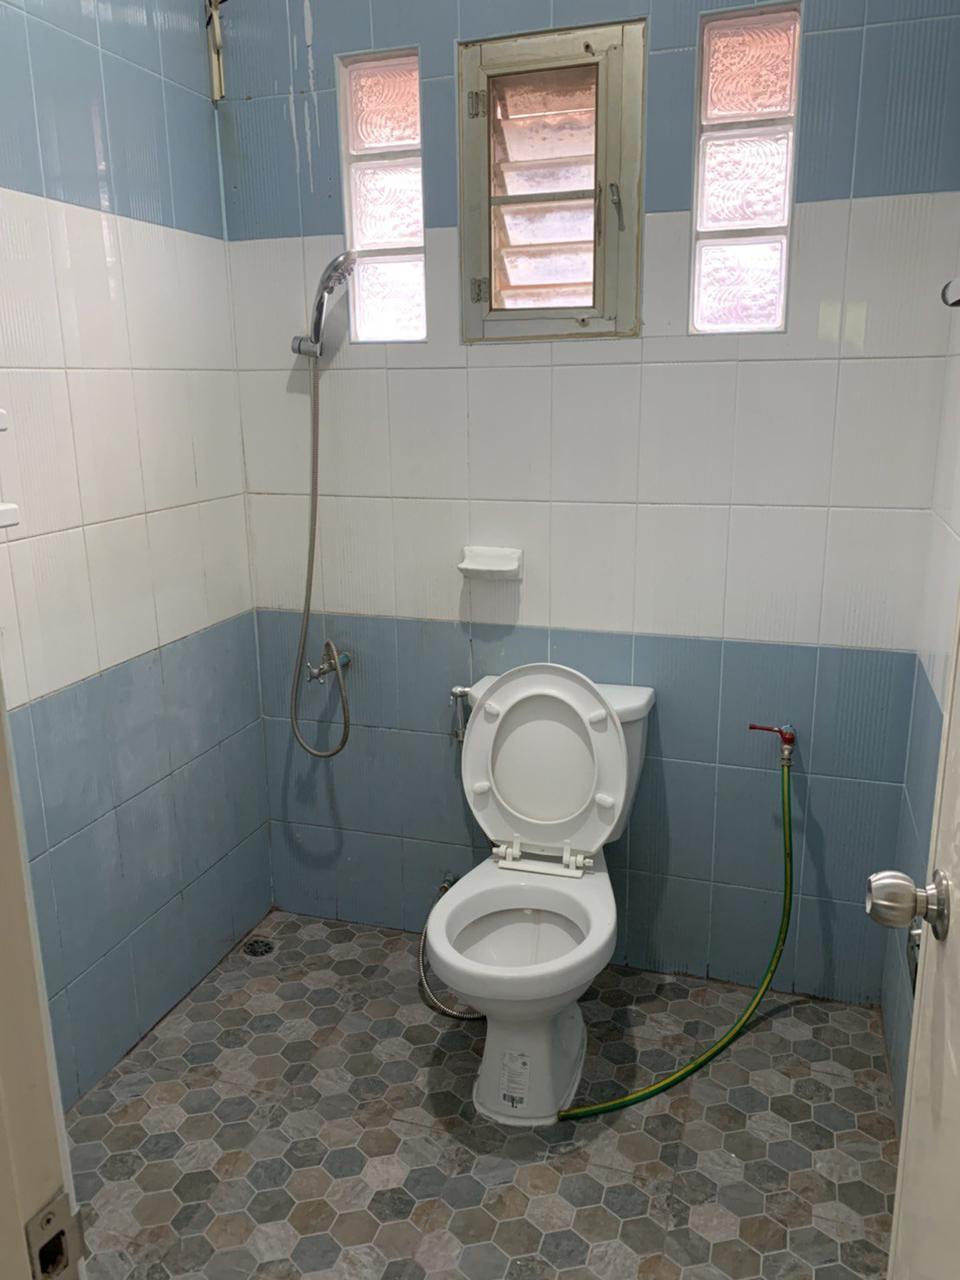 ให้เช่าบ้านเดี่ยว 2 ชั้นซอยนวลจันทร์ 4 ห้องนอน 2 ห้องน้ำ รูปที่ 5